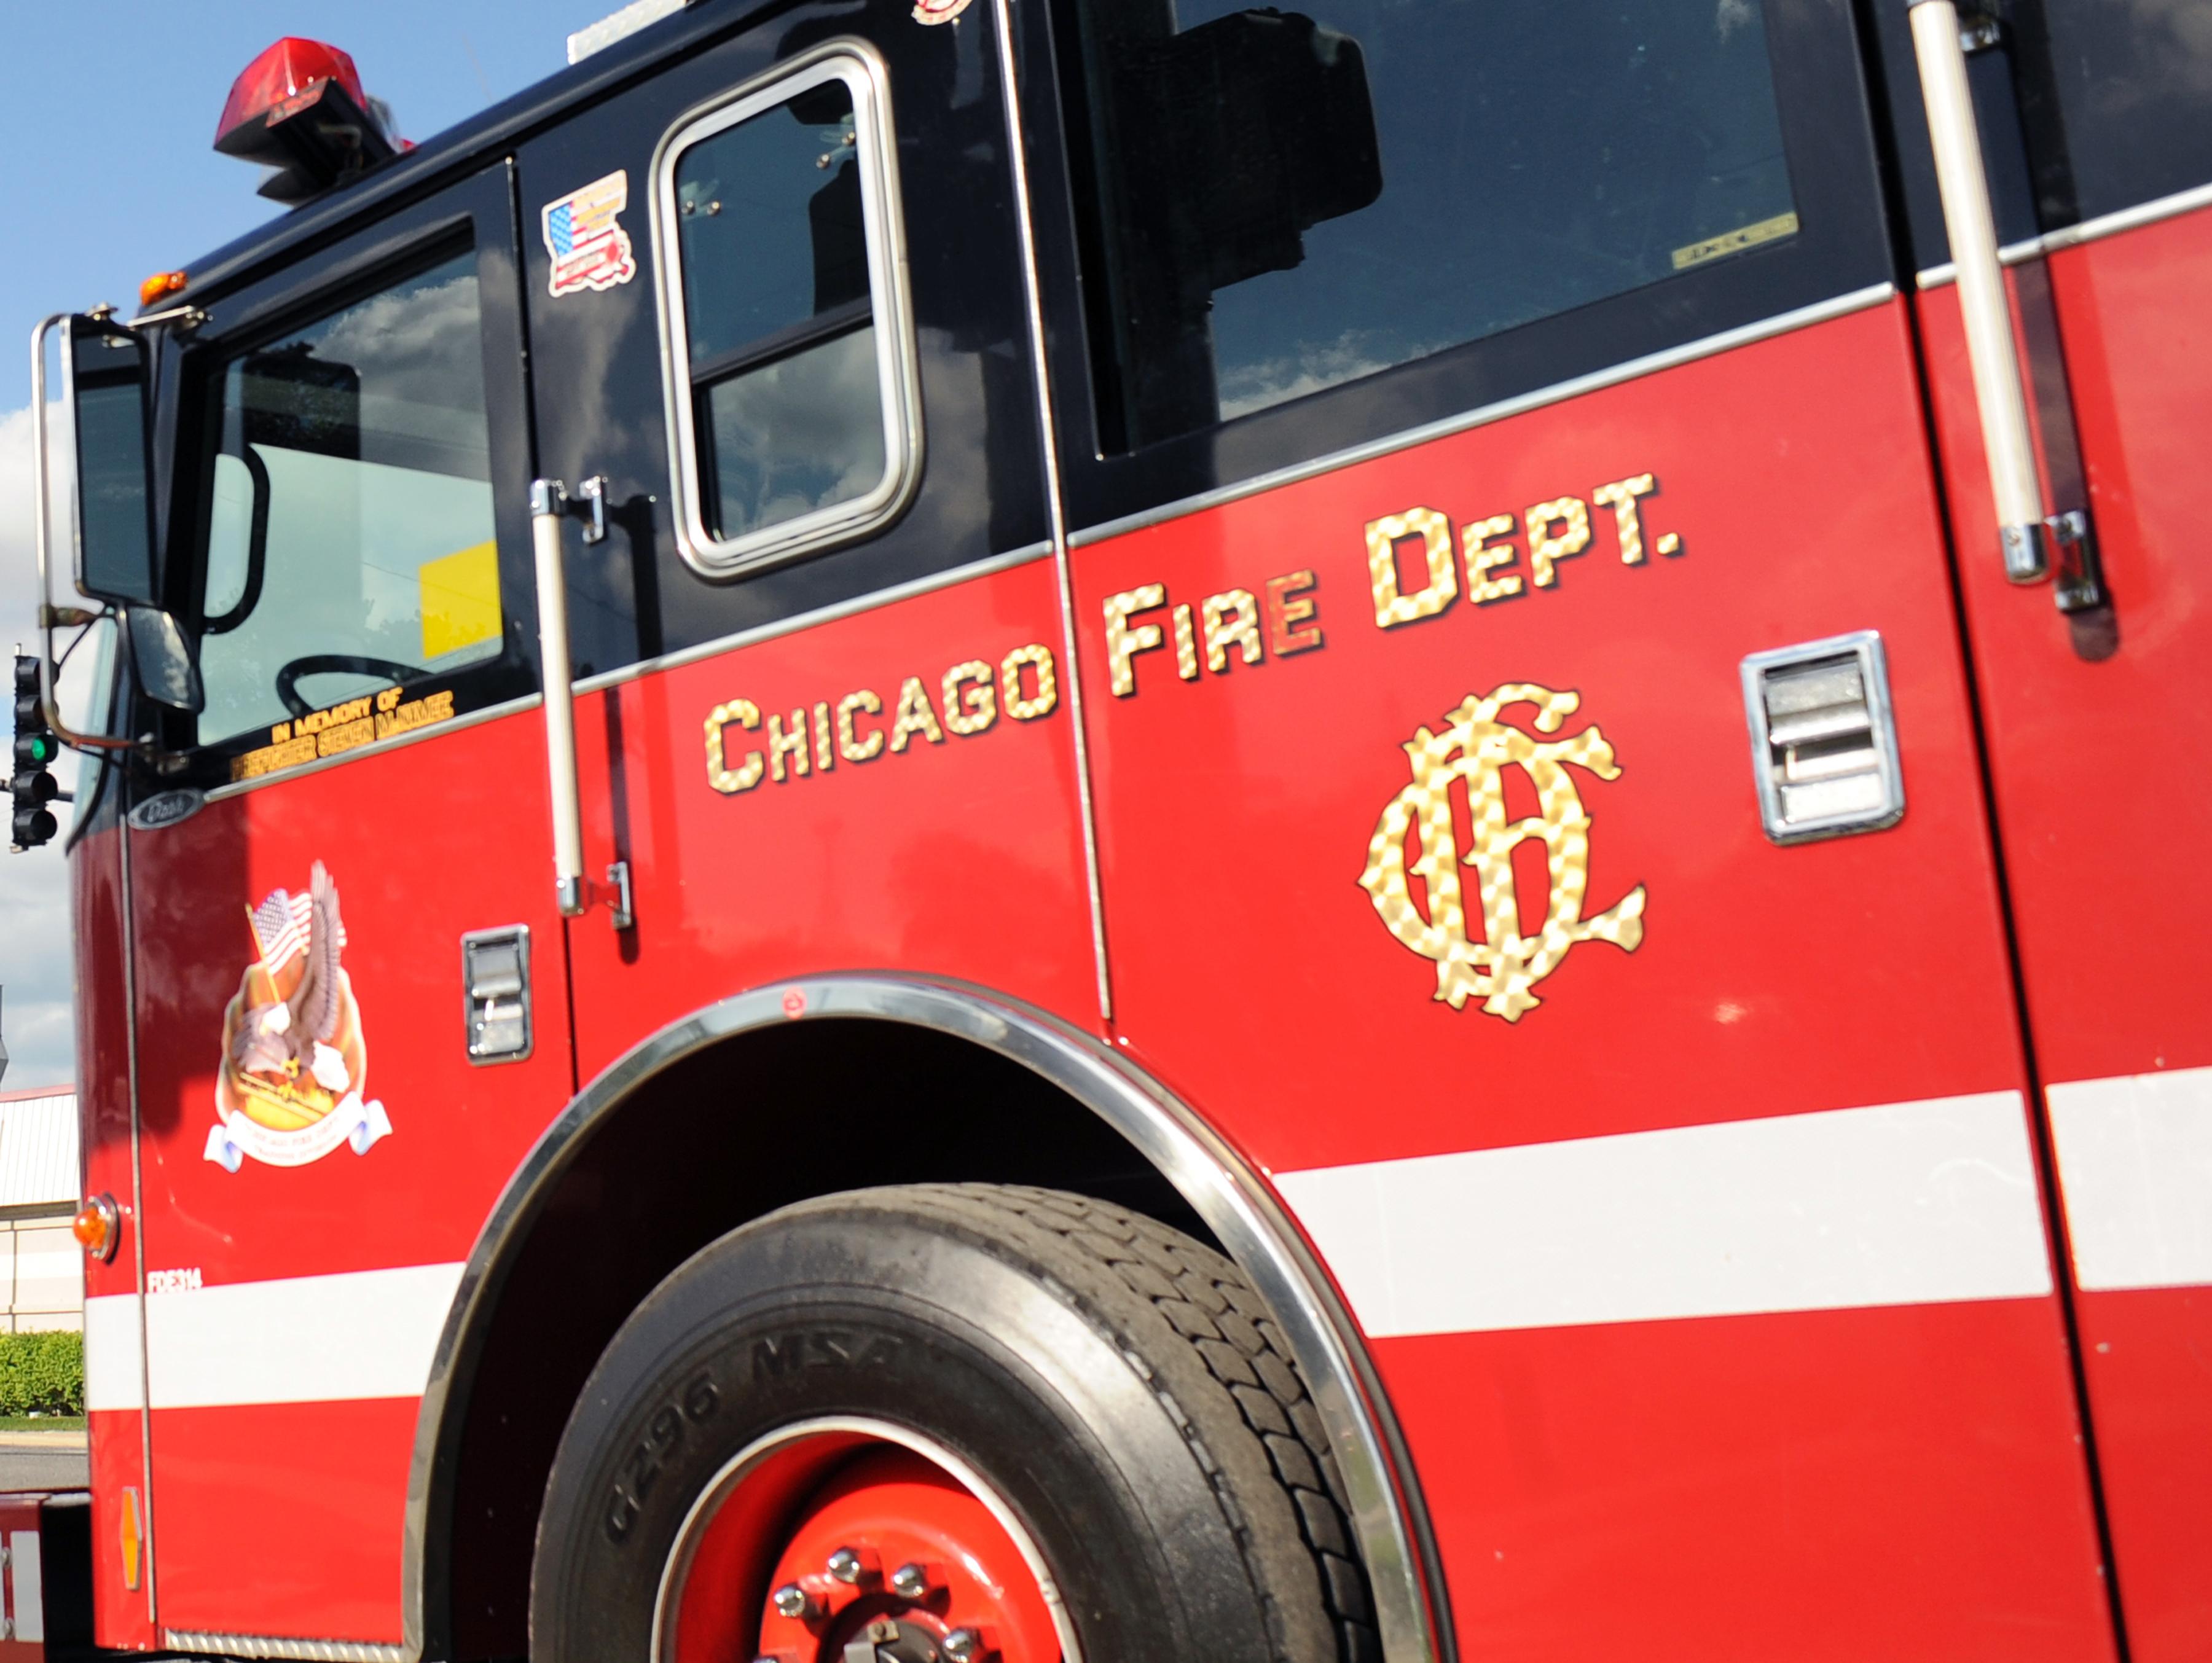 A Chicago Fire Department ladder truck.